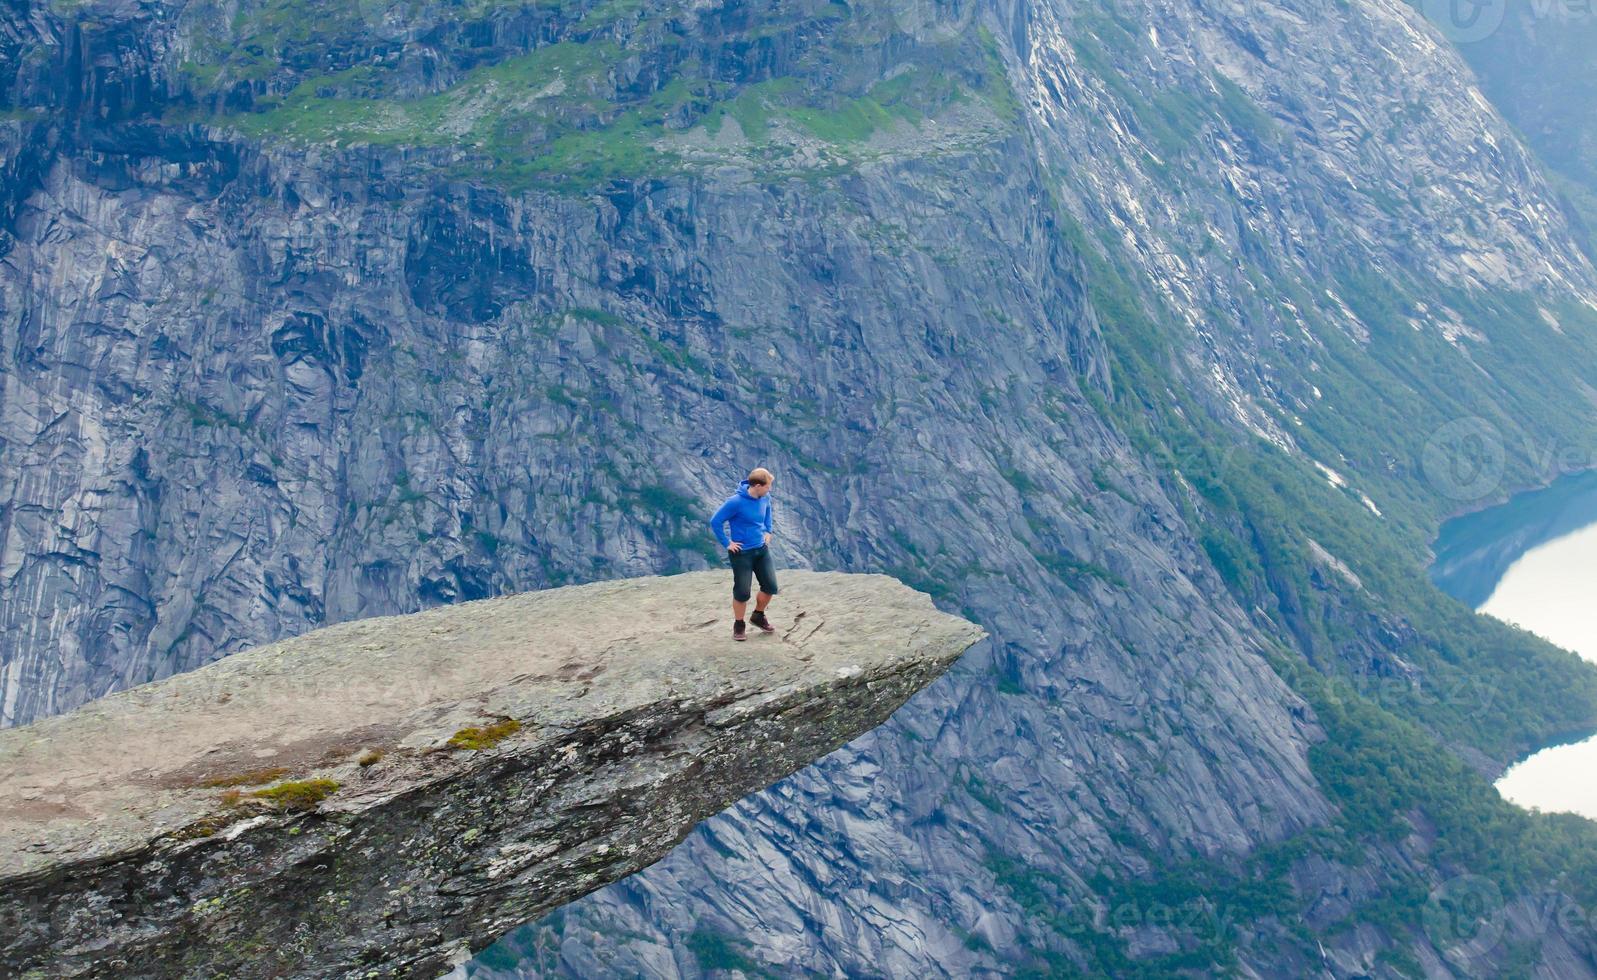 famoso lugar norueguês para caminhadas em rochas - trolltunga, língua dos trolls, noruega foto